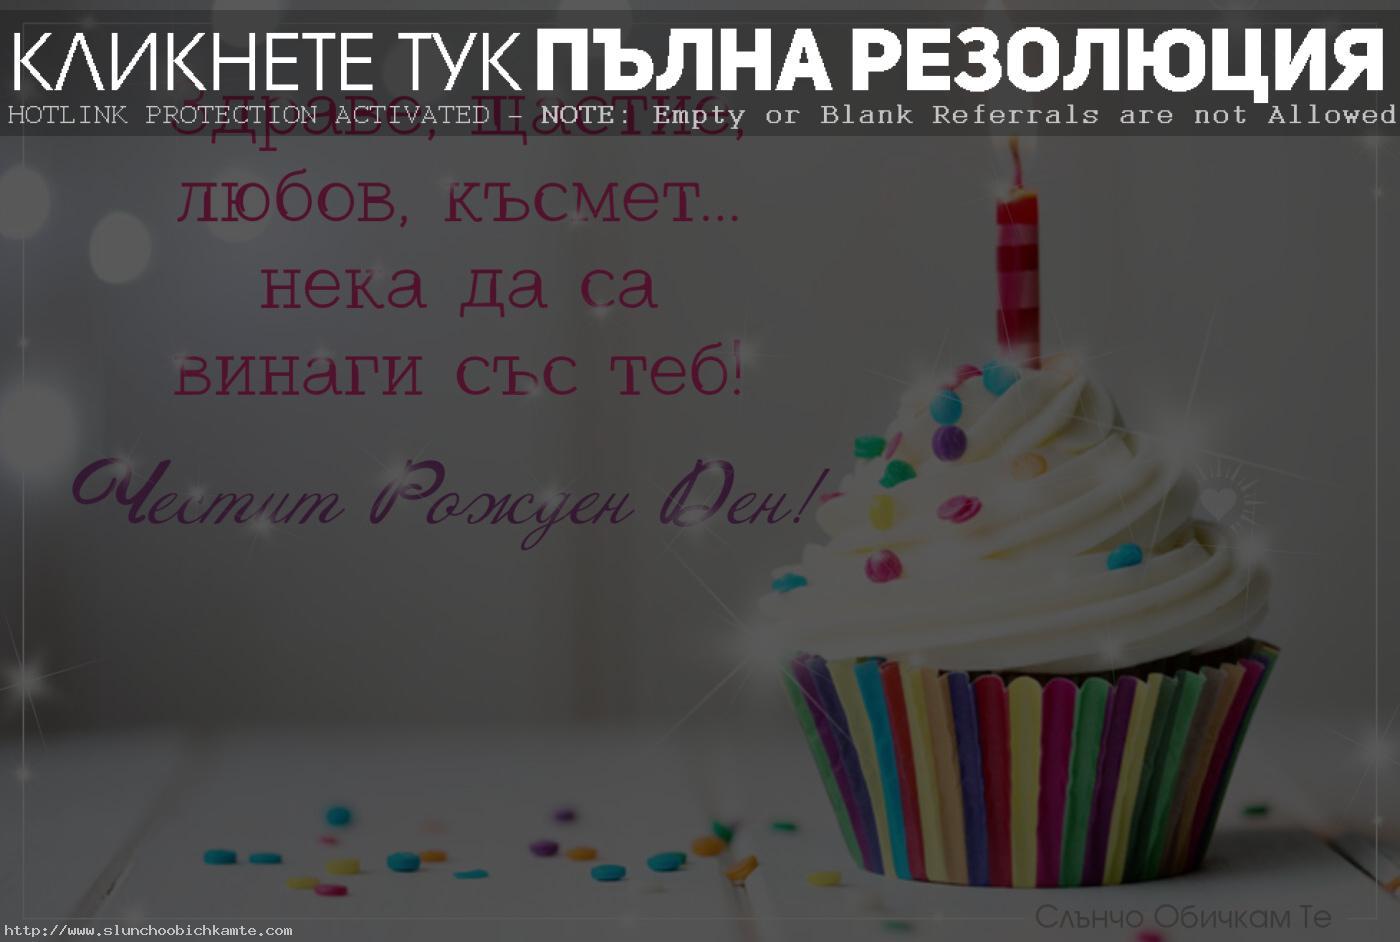 Здраве, щастие, любов, късмет нека да са винаги със теб. Честит рожден ден - Картички с пожелания за рожден ден с торта и свещичка